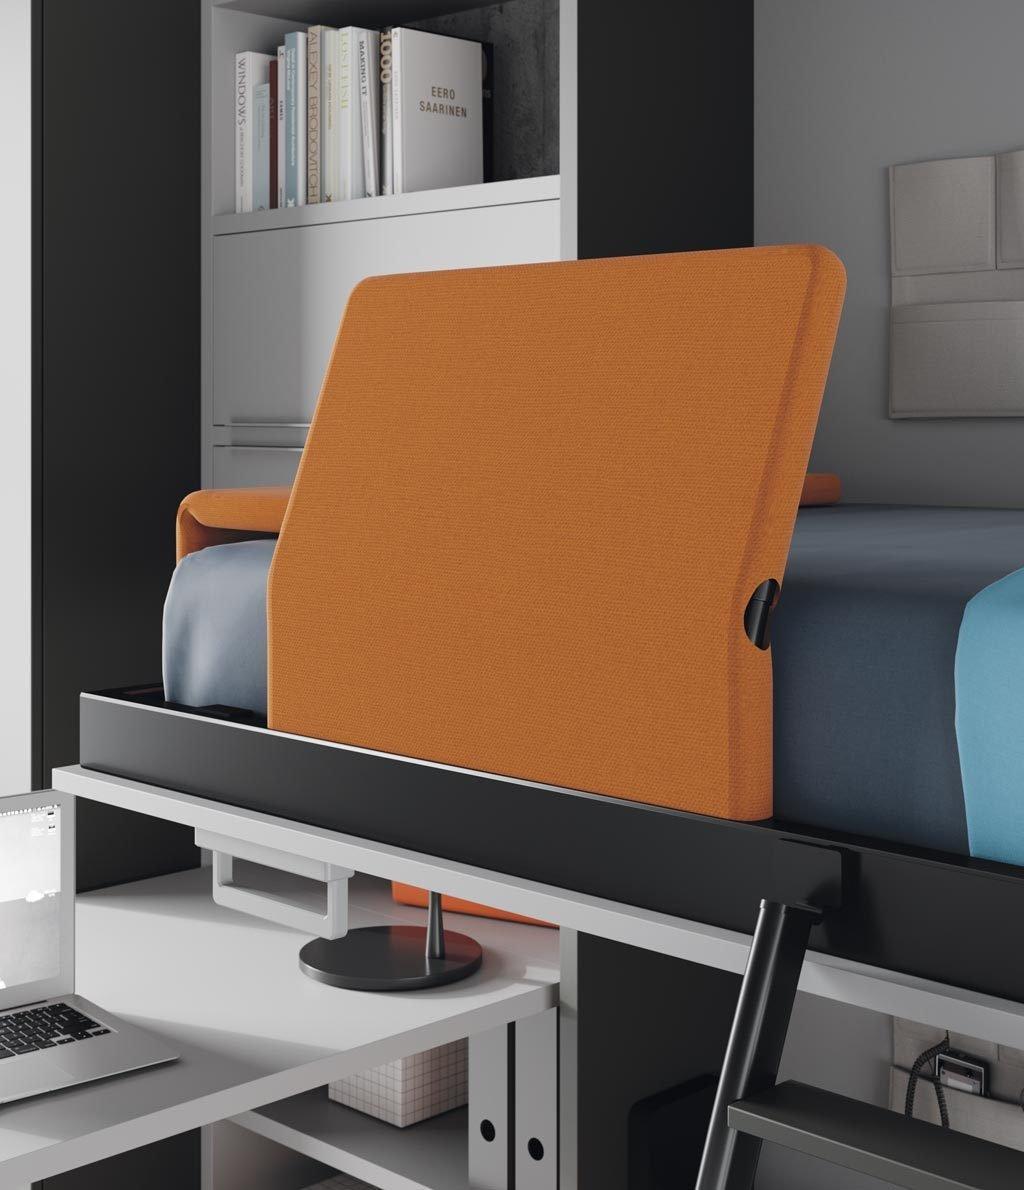 Detalle del protector tapizado abierto para poder dormir en la cama abatible